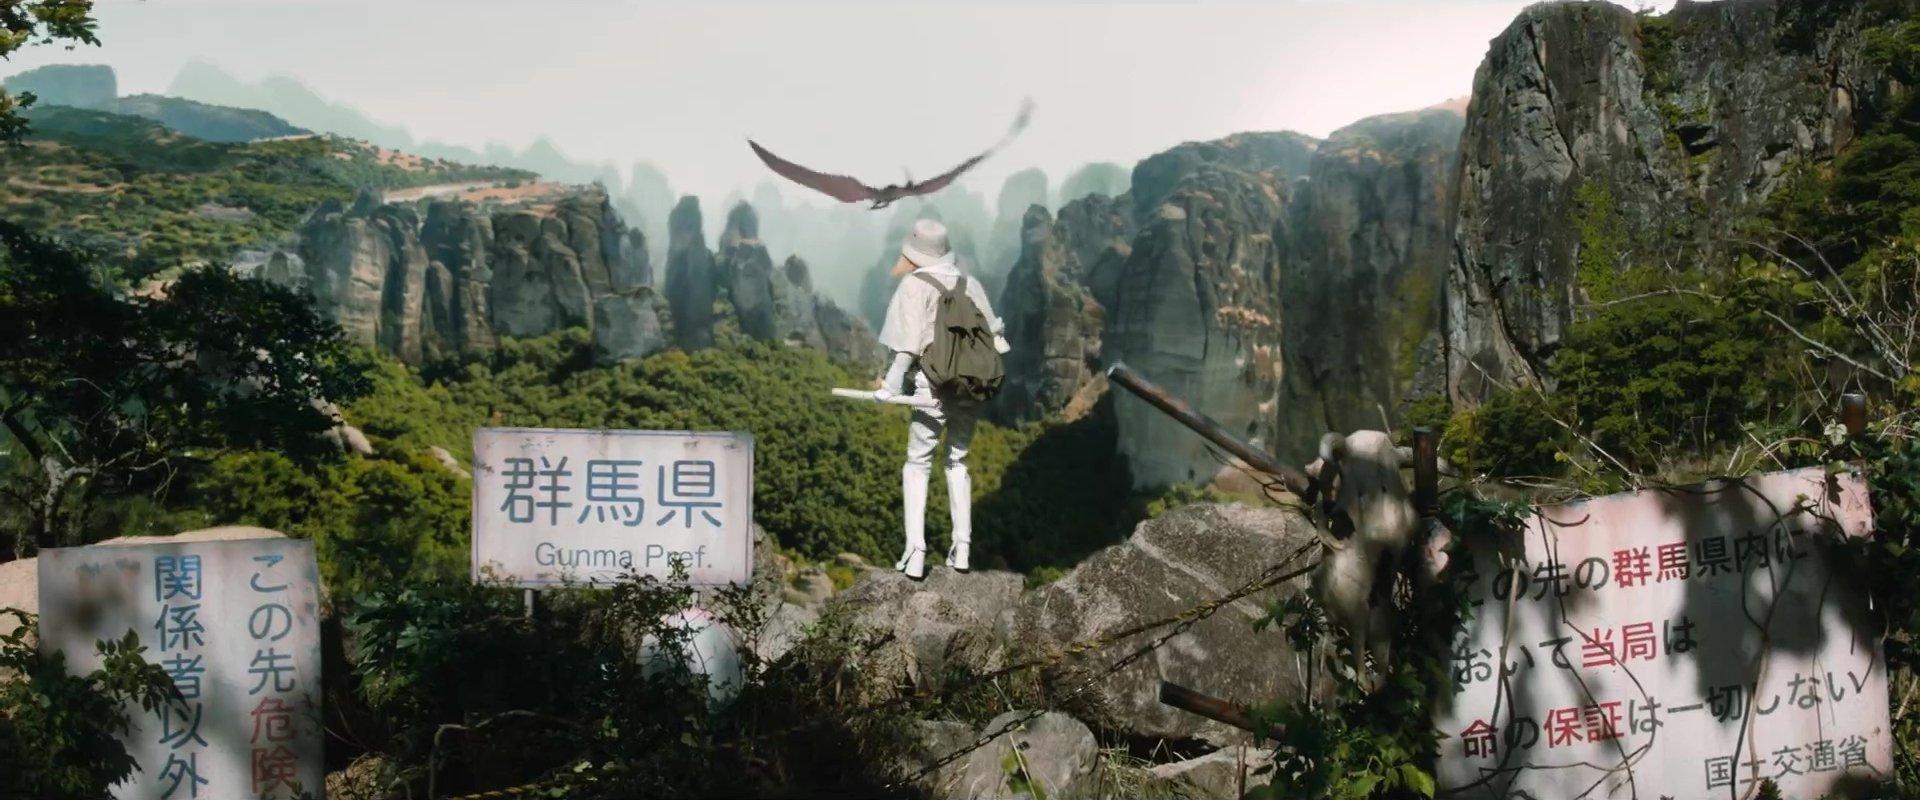 『翔んで埼玉』秘境・群馬